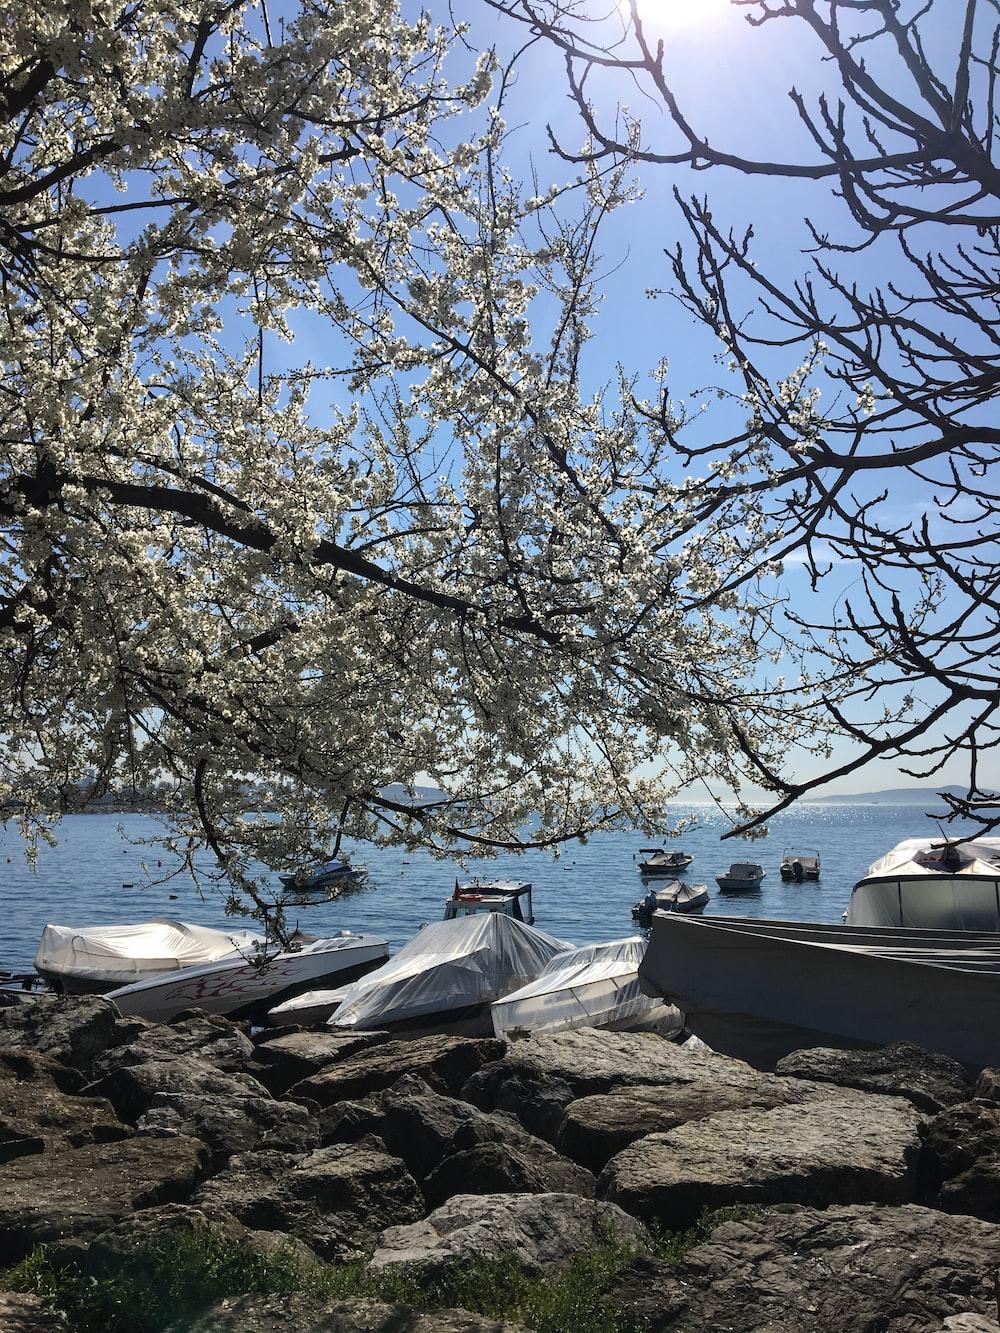 tree near boats on shore